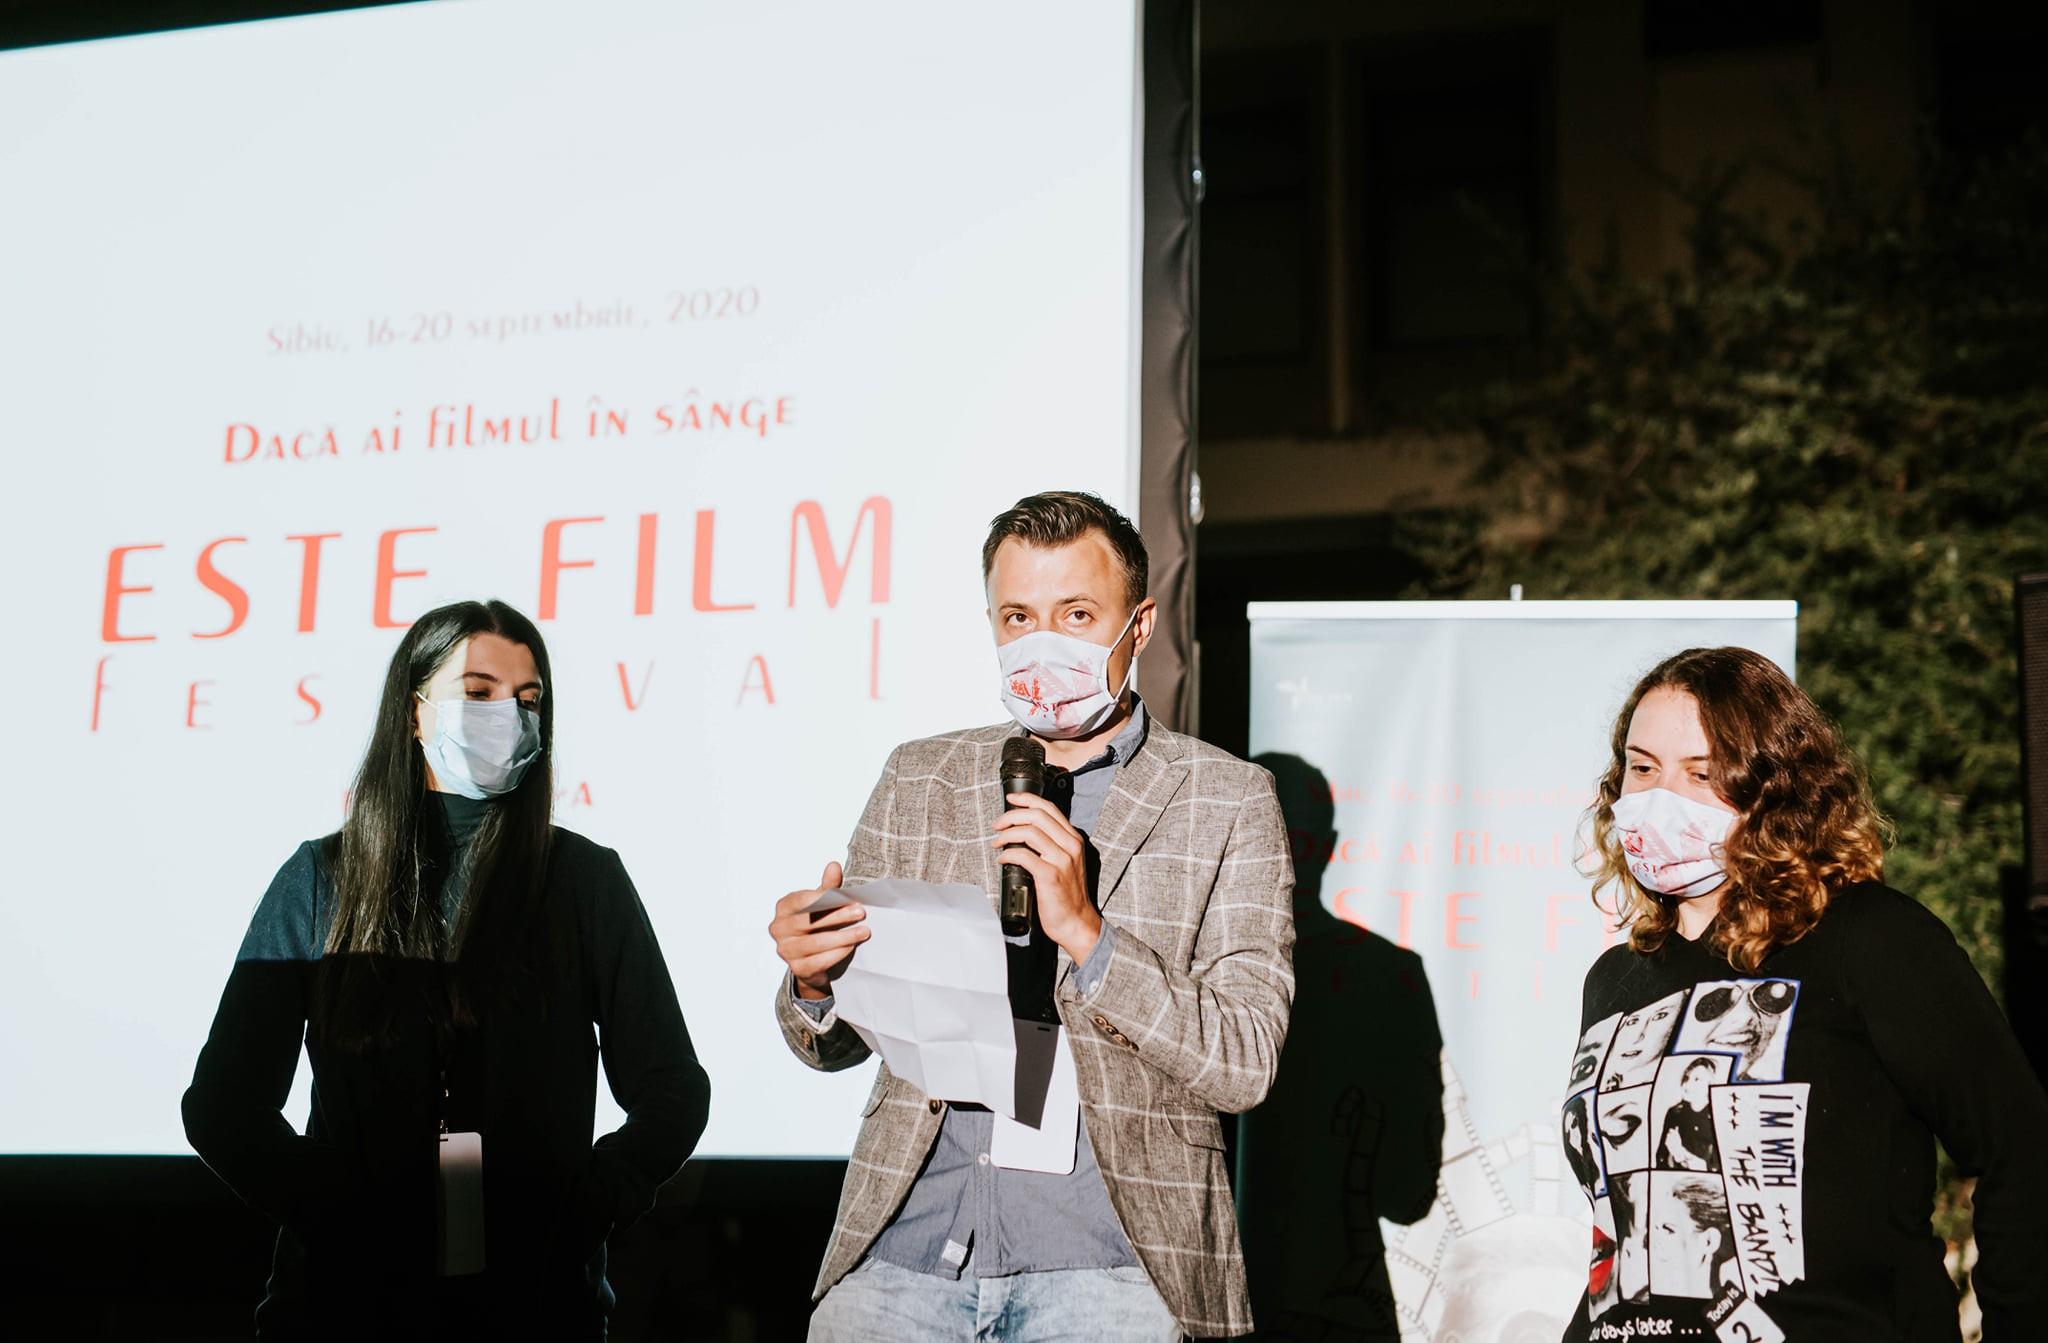 Trofeul ESTE FILM Festival 2020 și-a găsit câștigătorul